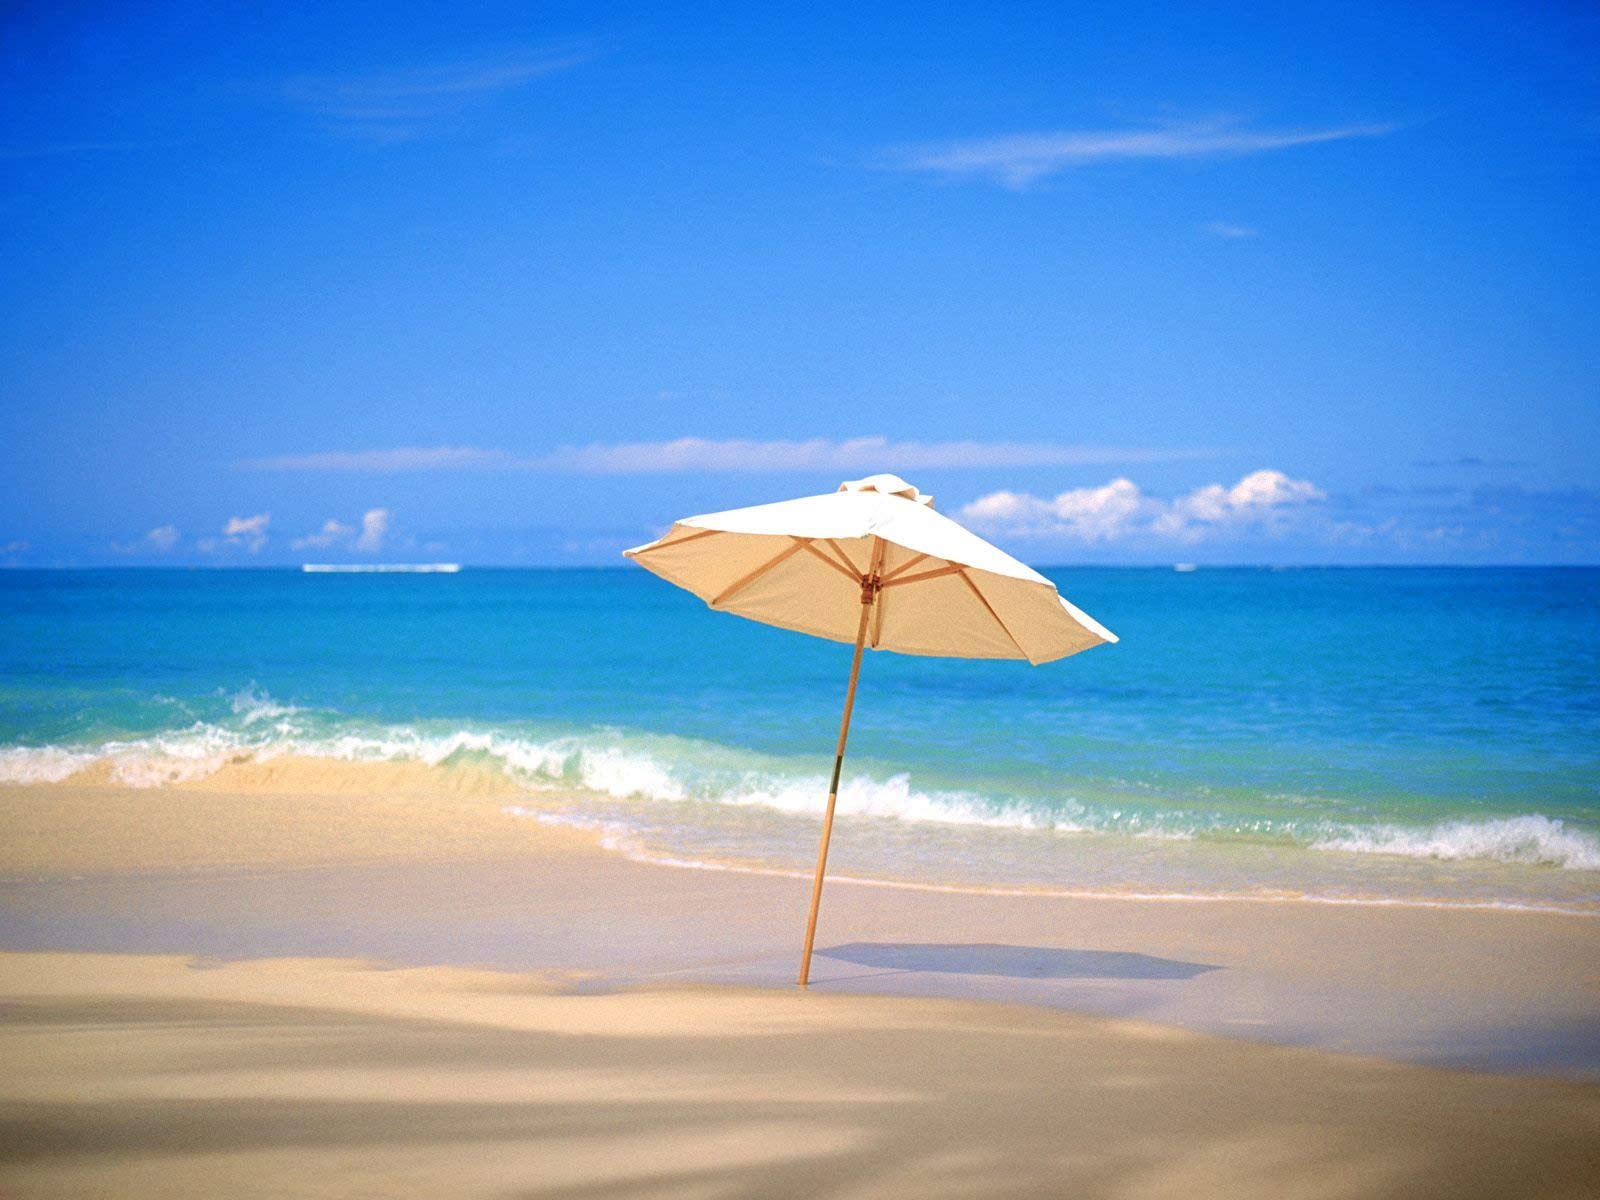 Hai visto? Come approfittare dei viaggi scontati e risparmiare sulle vacanze